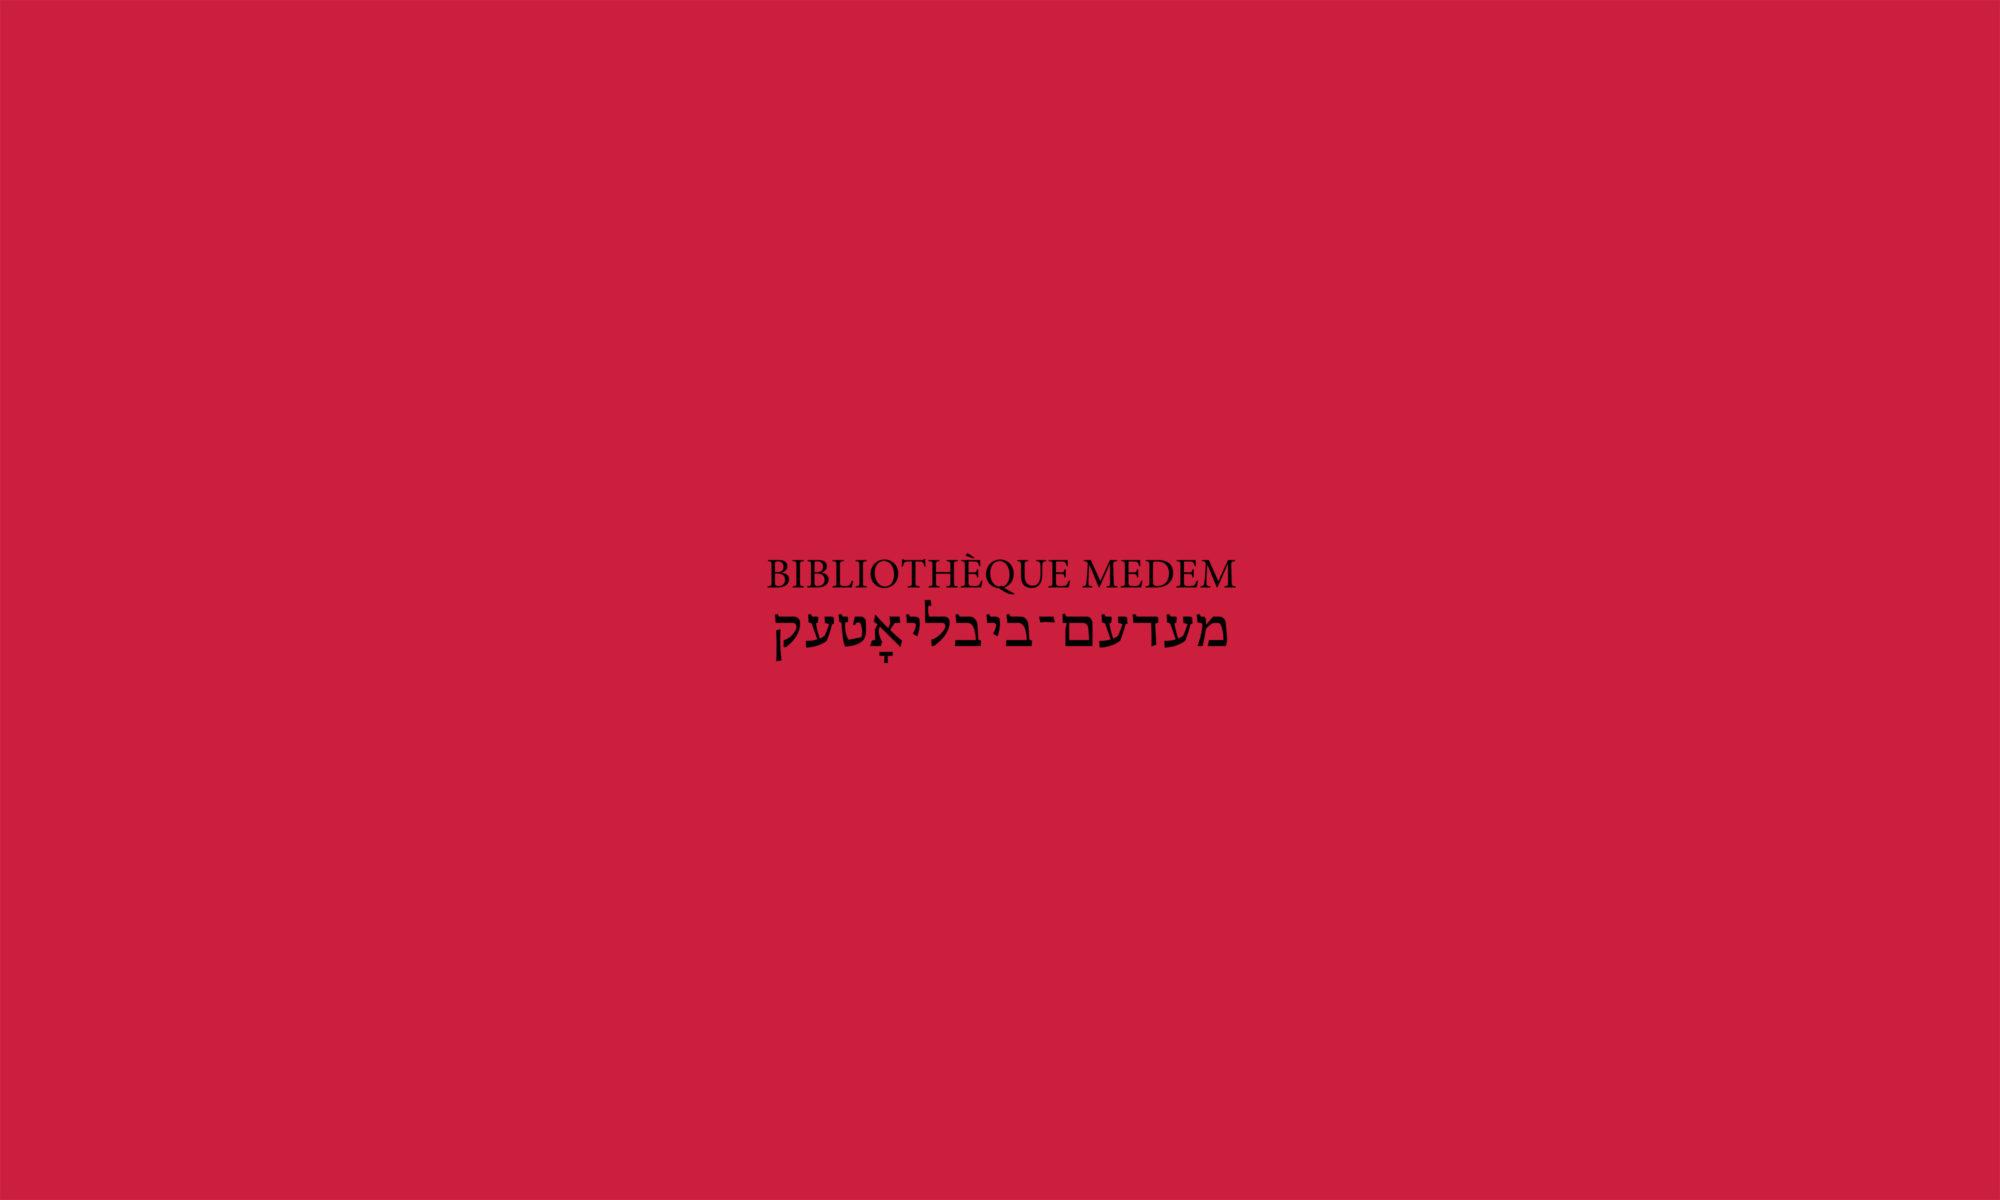 Éditions Bibliothèque Medem